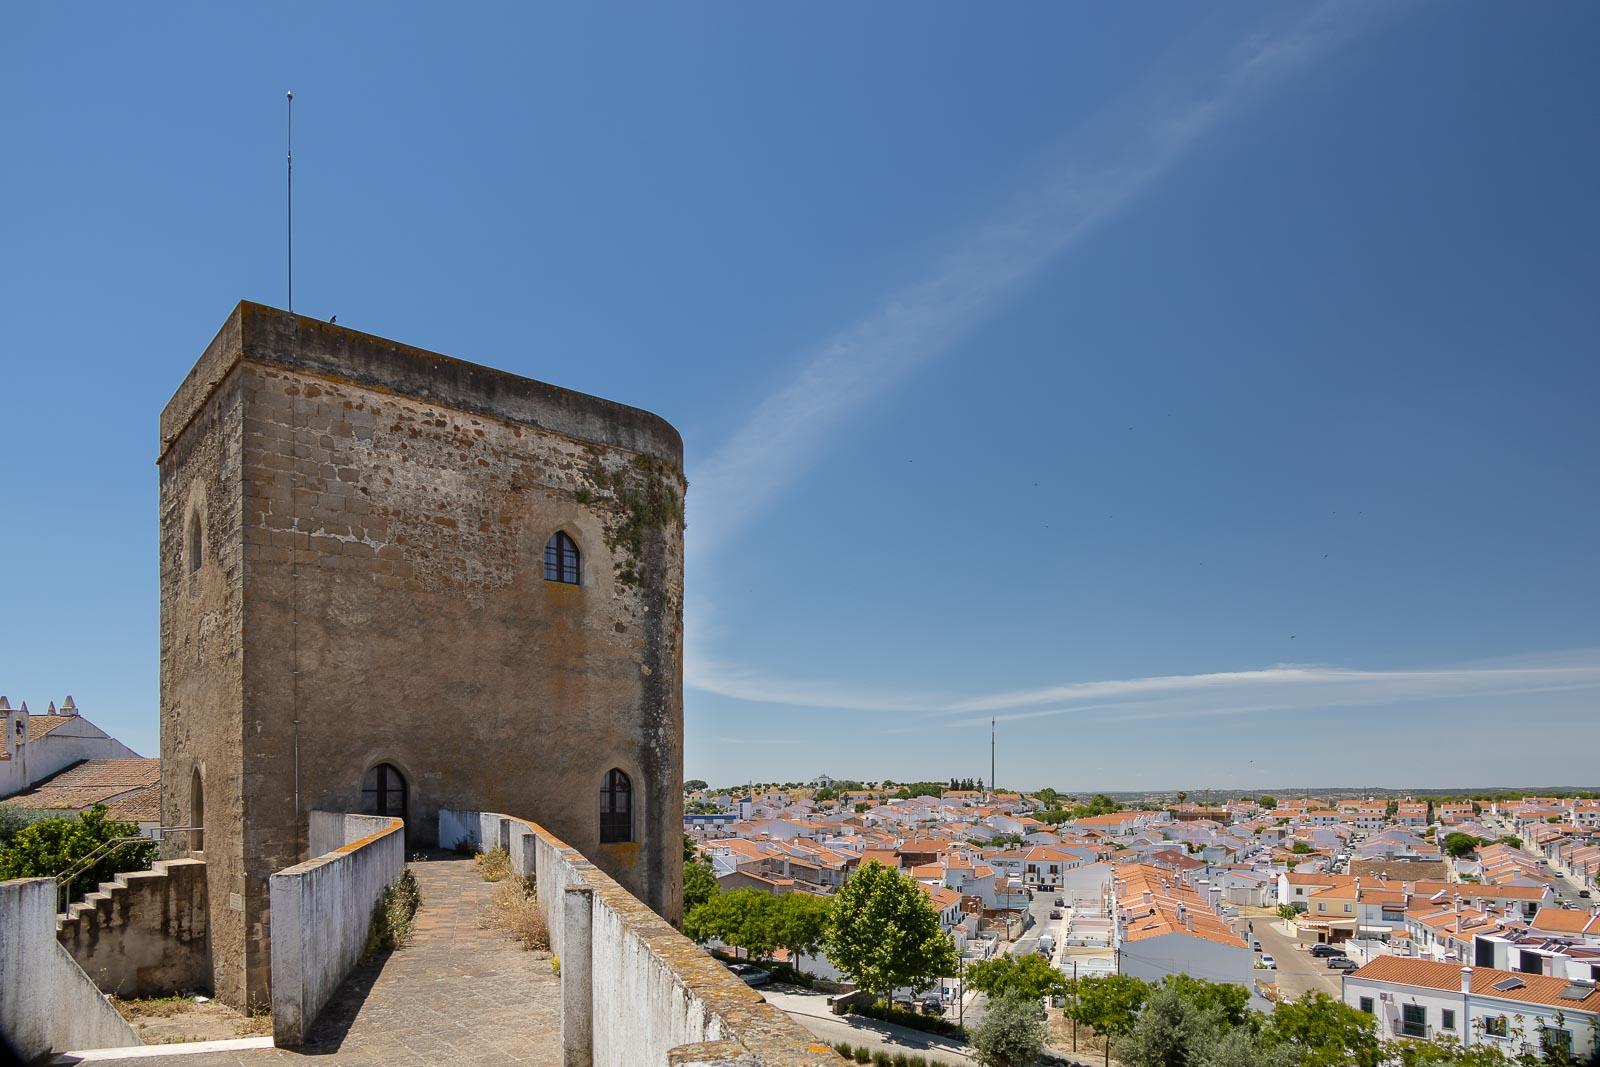 Redondo, em torno de um castelo peculiar_Num Postal